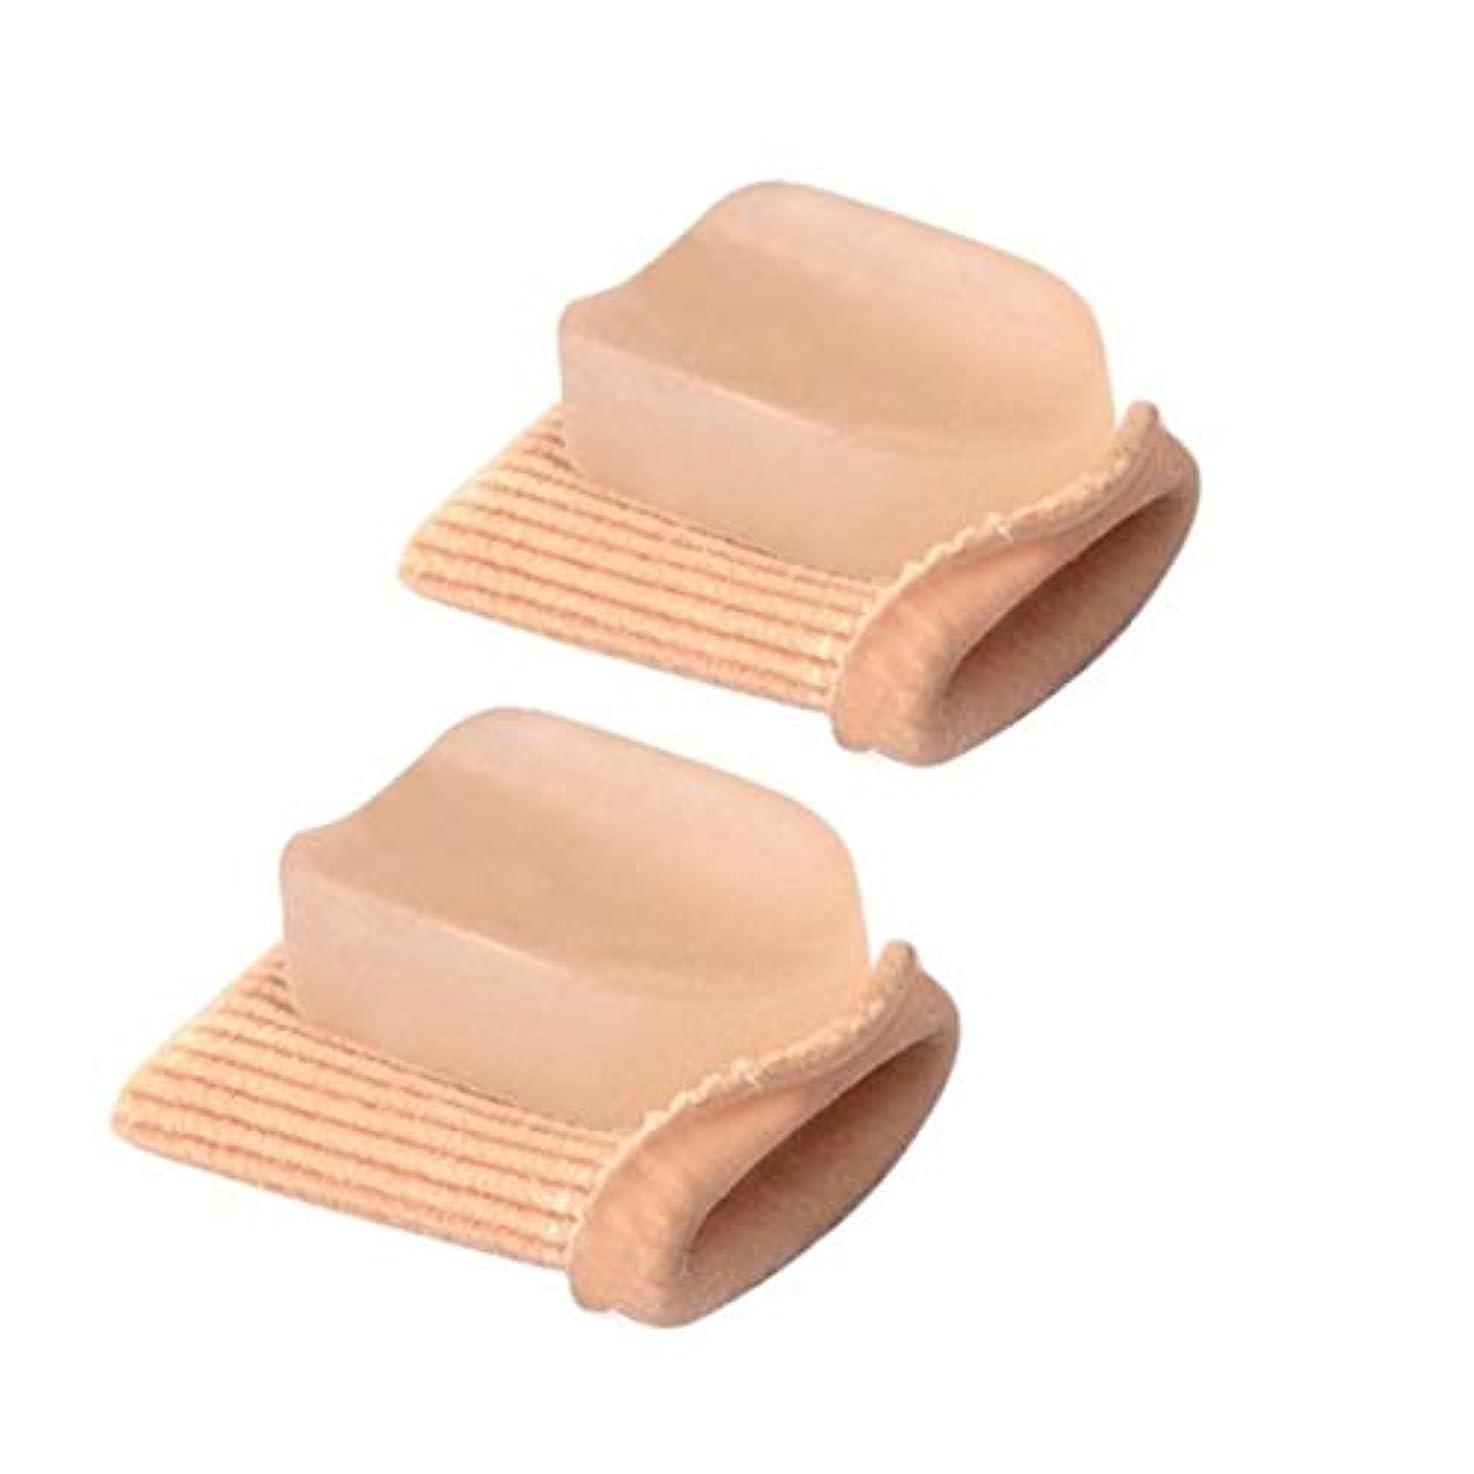 電極扱いやすい導体高弾性つま先ストレート矯正ハンマーつま先外反母gus矯正包帯つま先セパレーターフットケア包帯